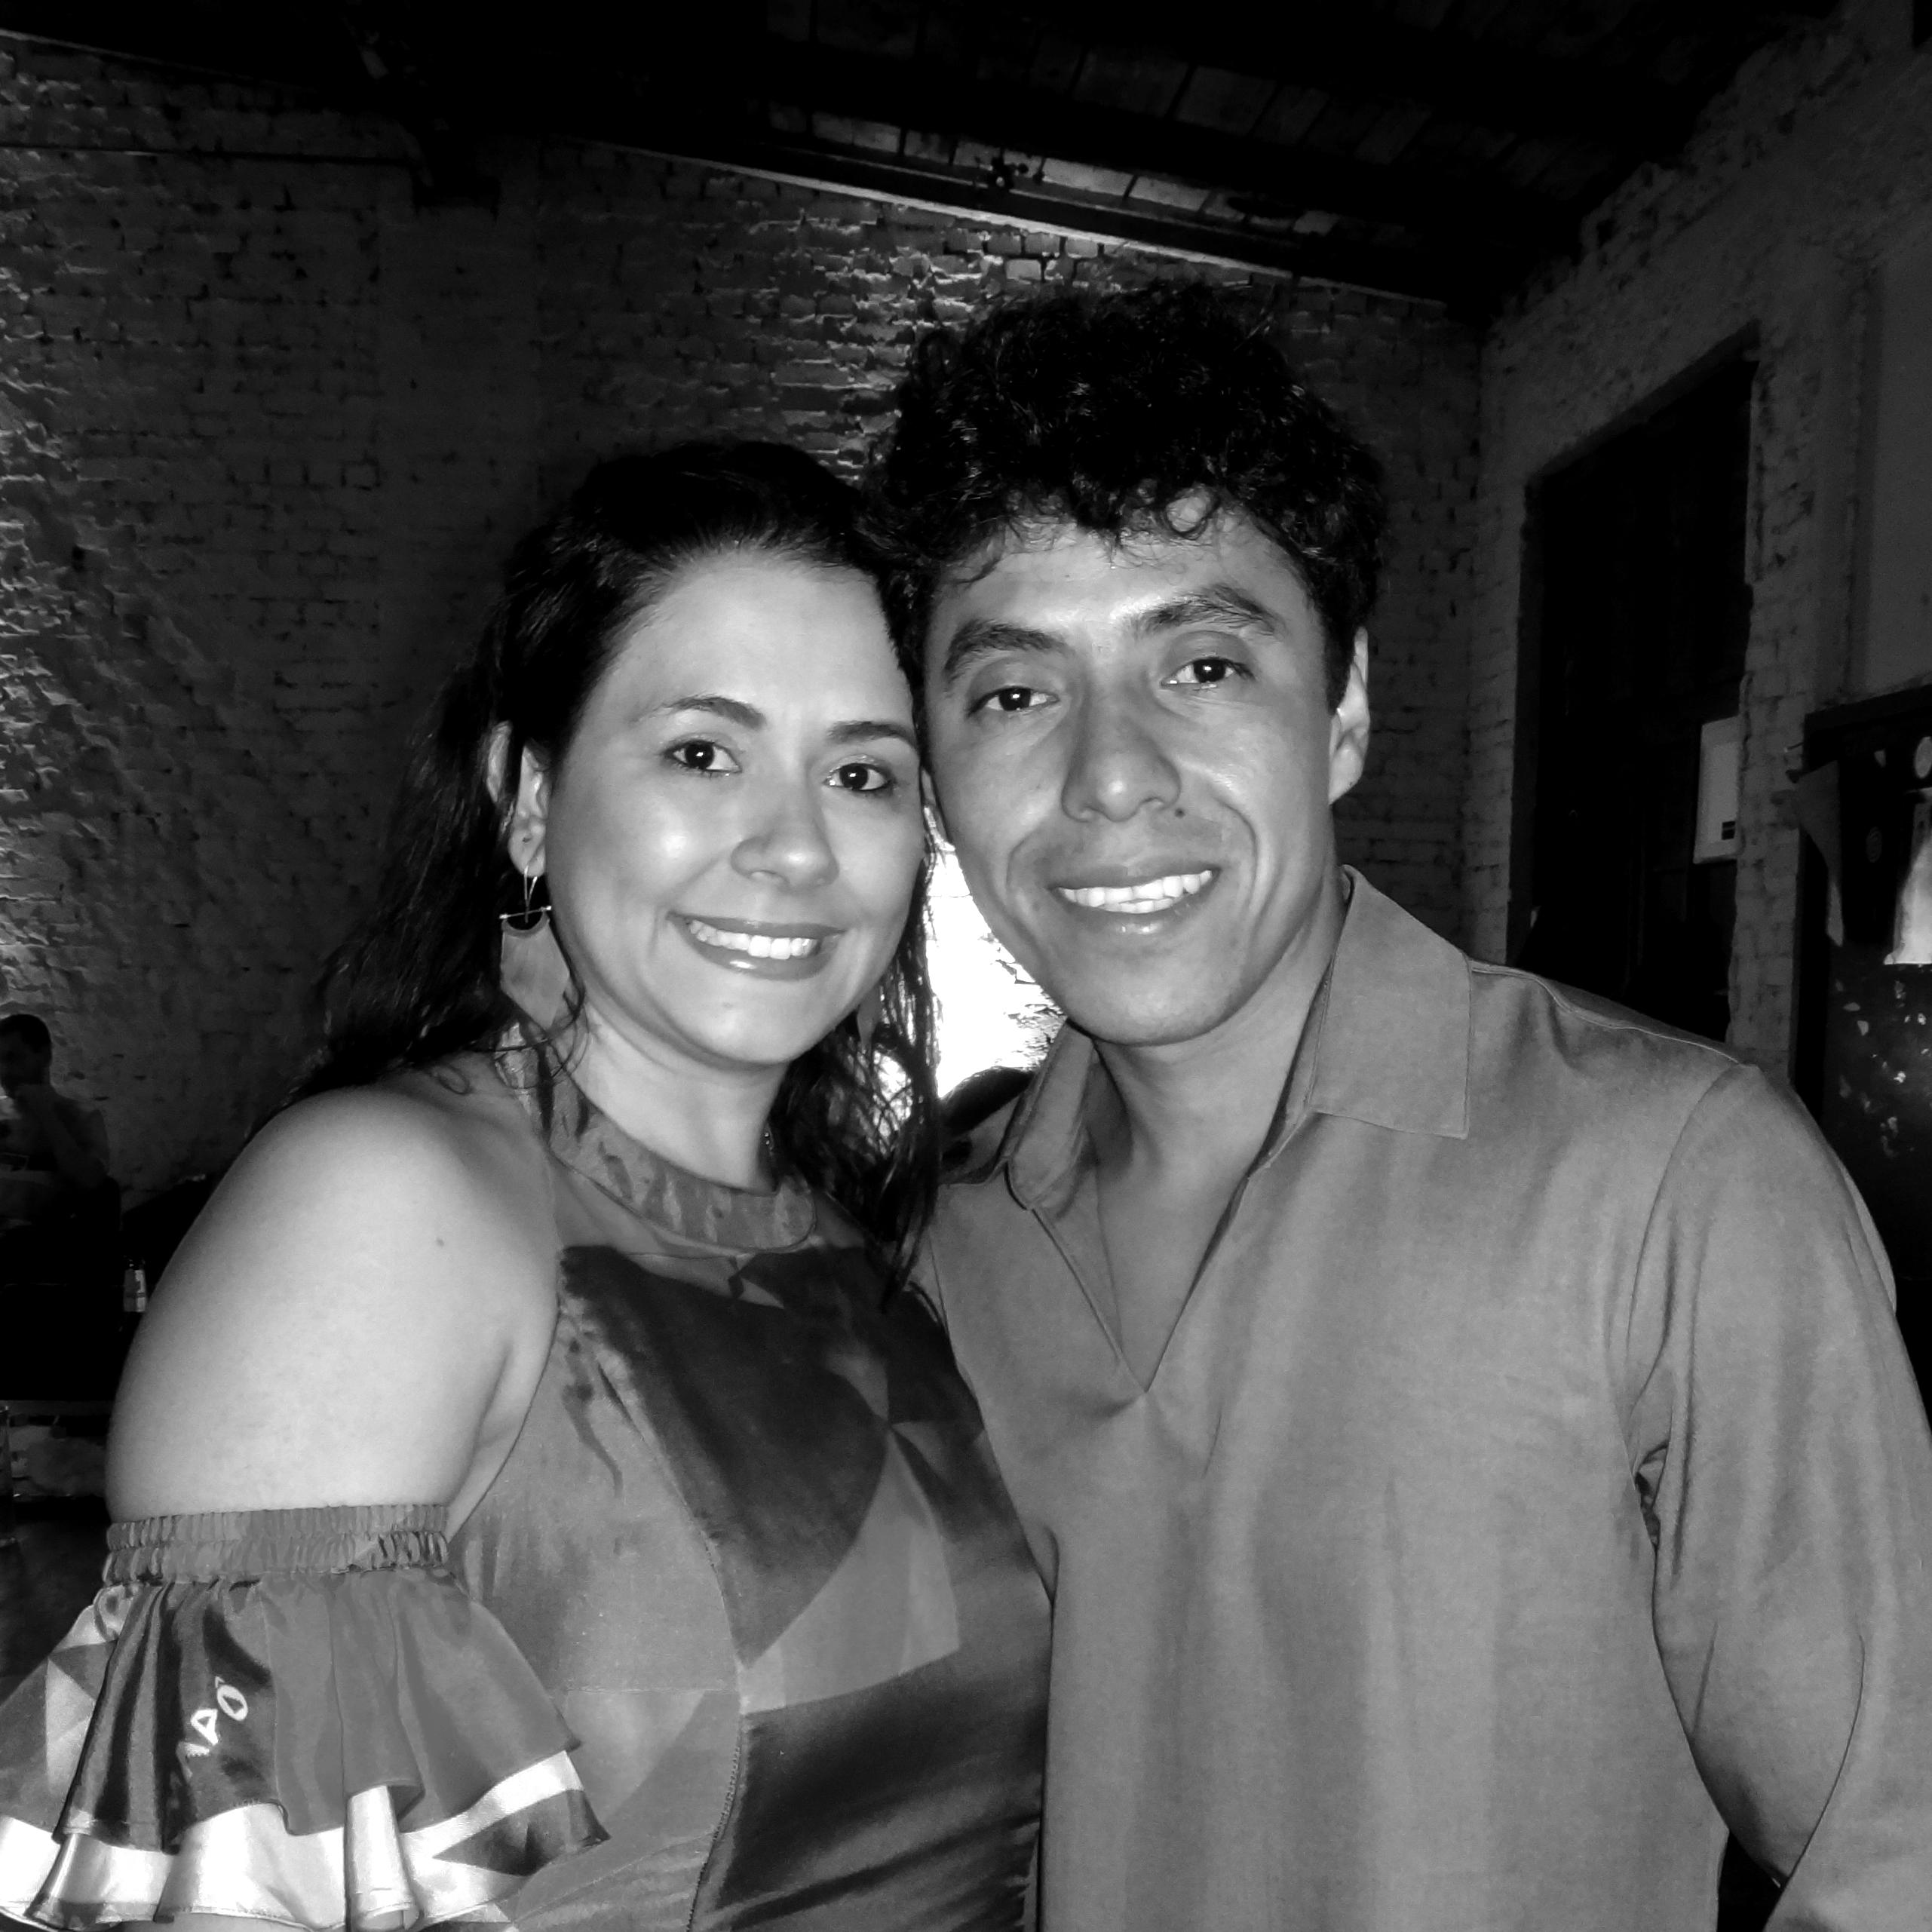 http://forrofestival.com/wp-content/uploads/2016/12/Márcio-_-Daiara-casal.jpg